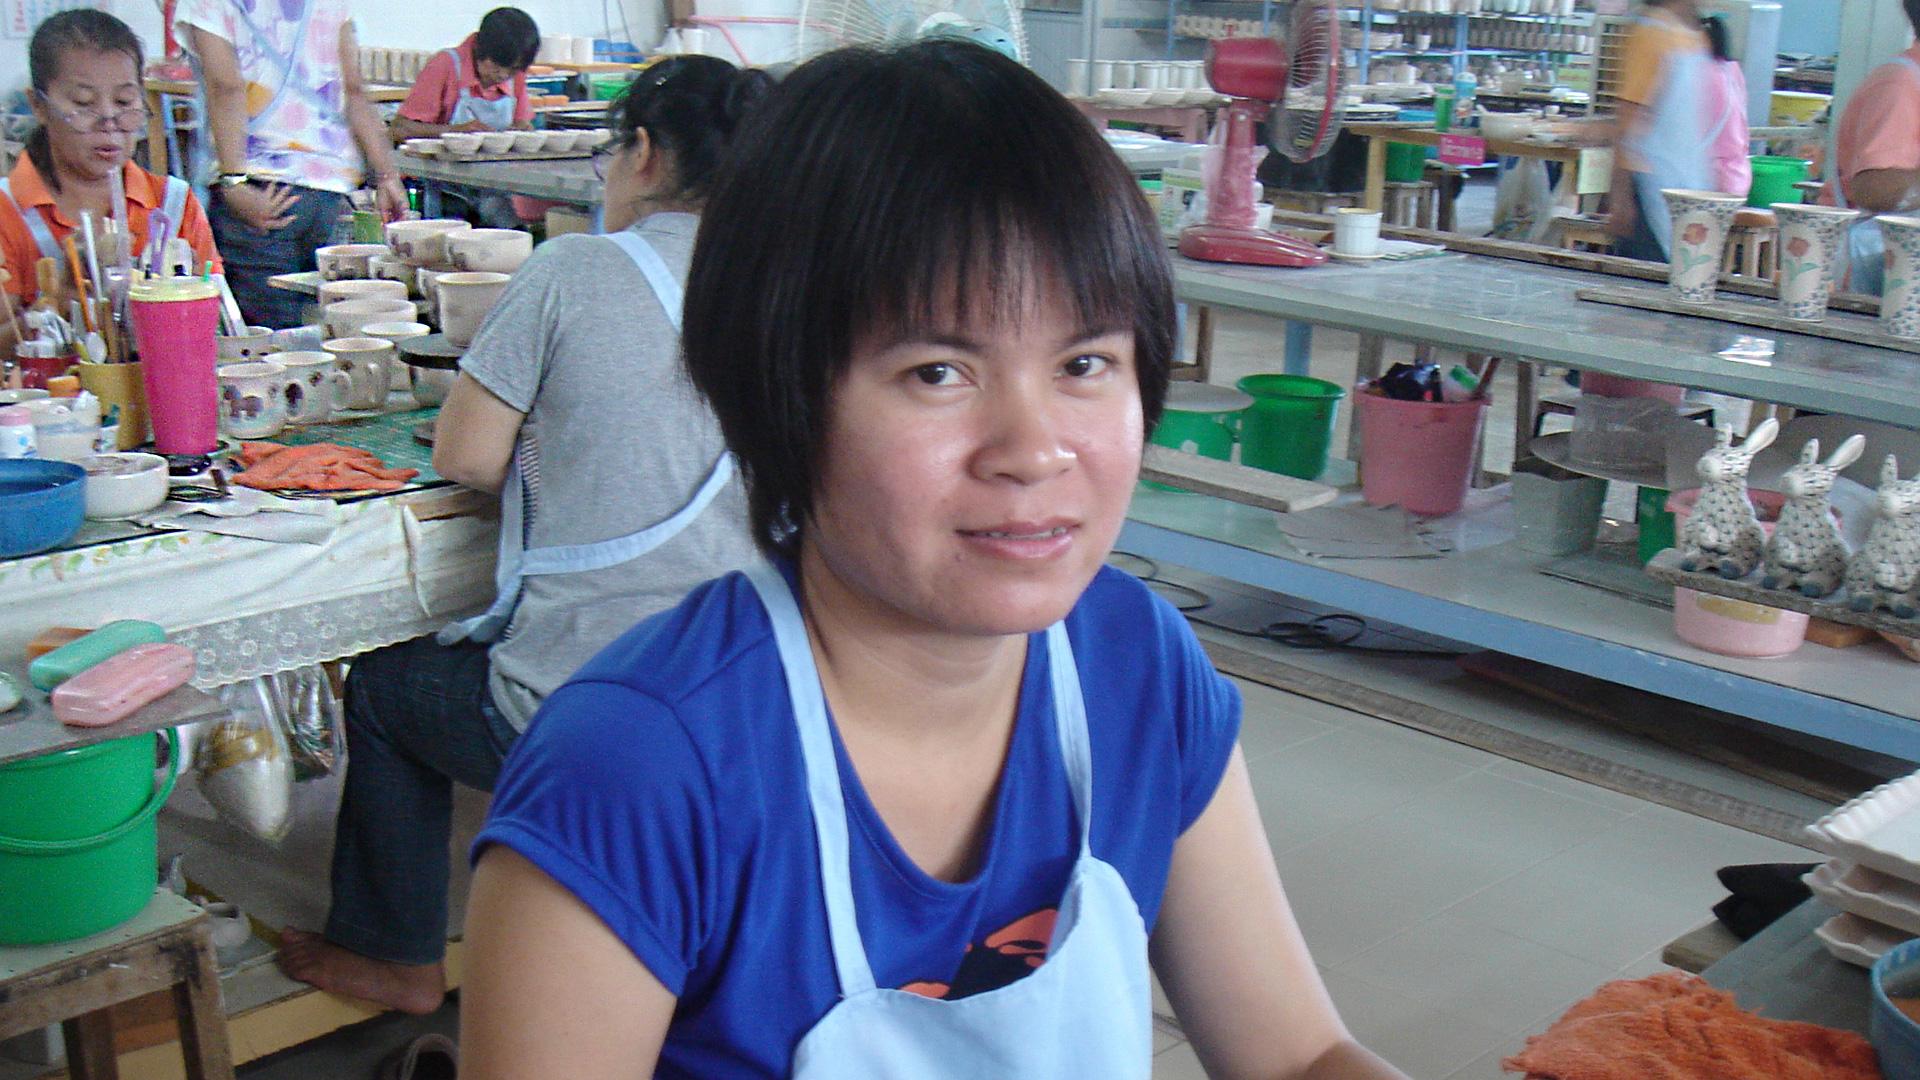 Insbesondere Frauen profitieren vom Fairen Handel mit Handwerk, zum Beispiel die Mitarbeiterinnen bei Sang Arun in Thailand. Sie erhalten die Chance auf ein eigenes Einkommen und können sich weiter qualifizieren.